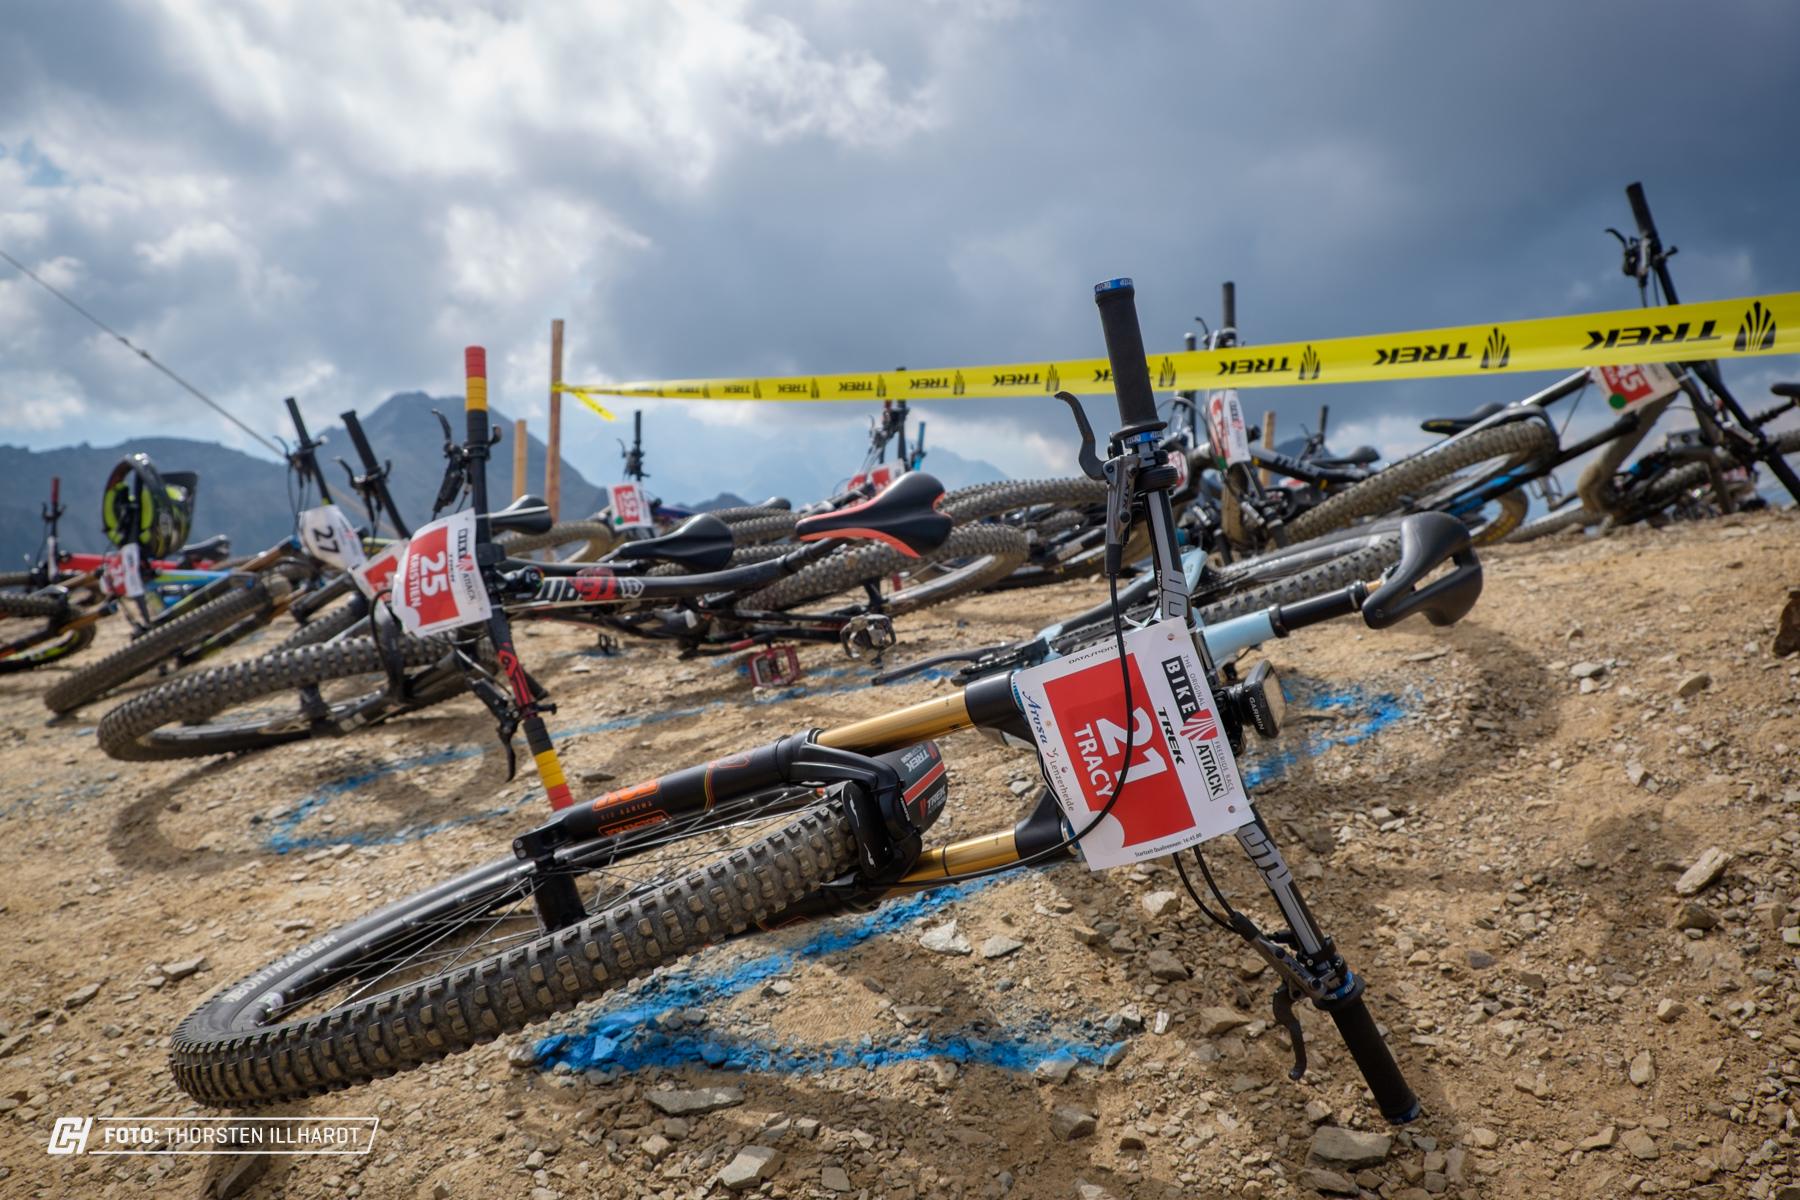 Natürlich sind auch Professionelle Fahrer auf der Bike Attack vertreten.